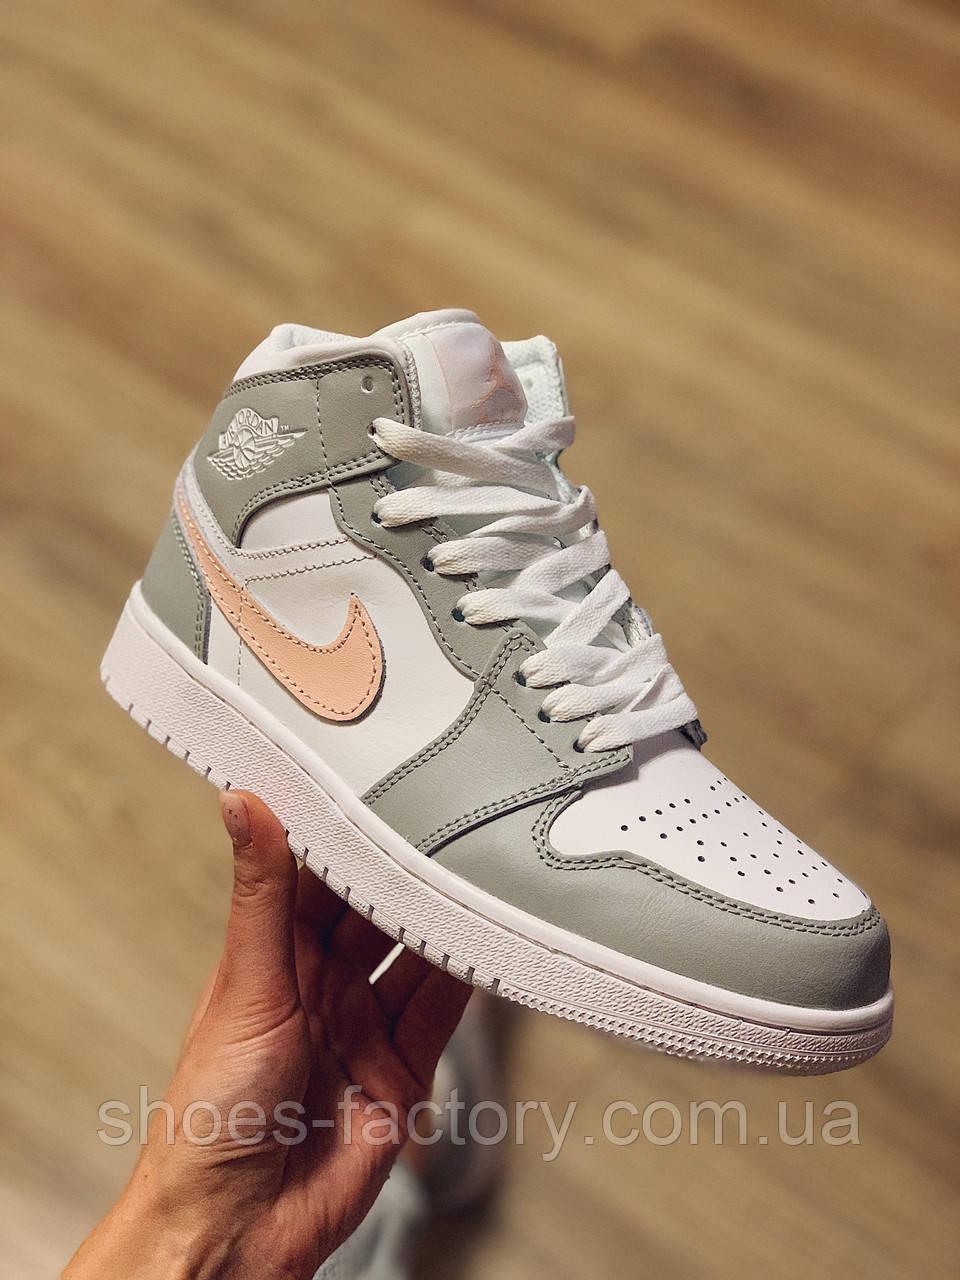 Кроссовки Nike Air Jordan 1 Mid женские кожаные